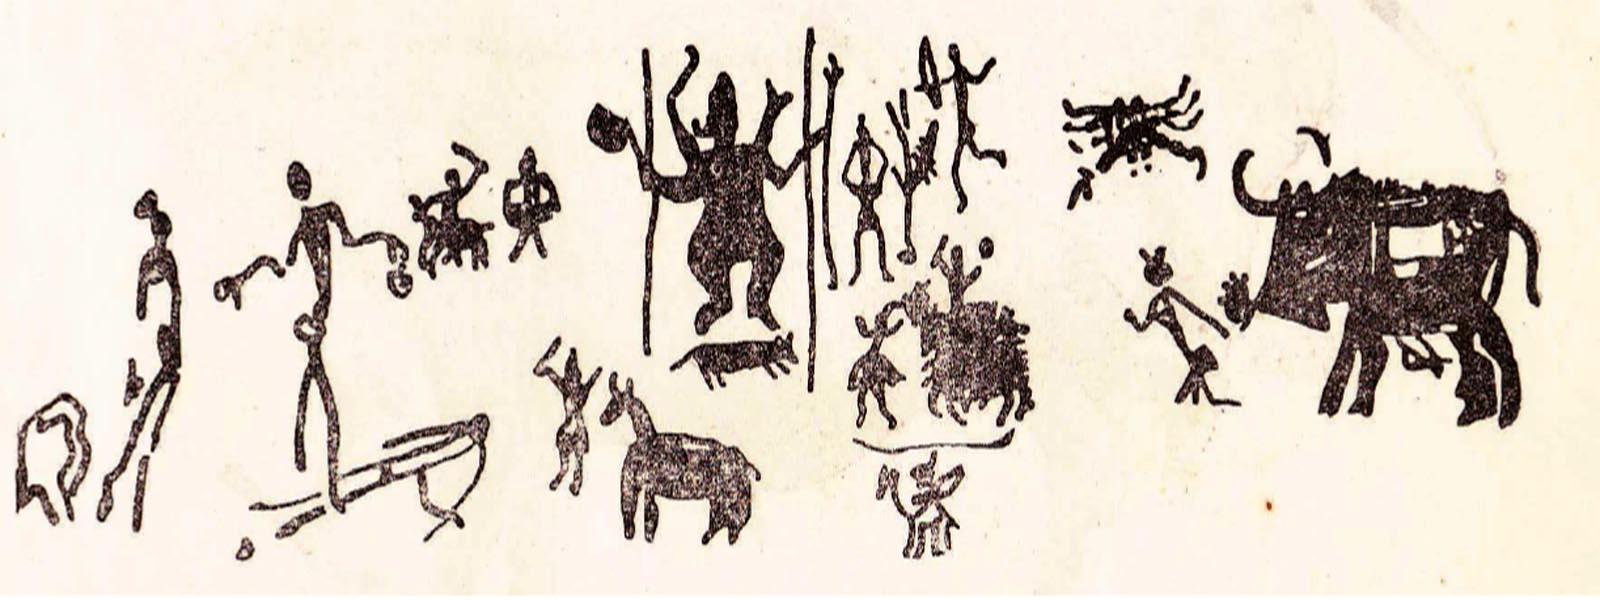 प्राचीन चित्रकारी